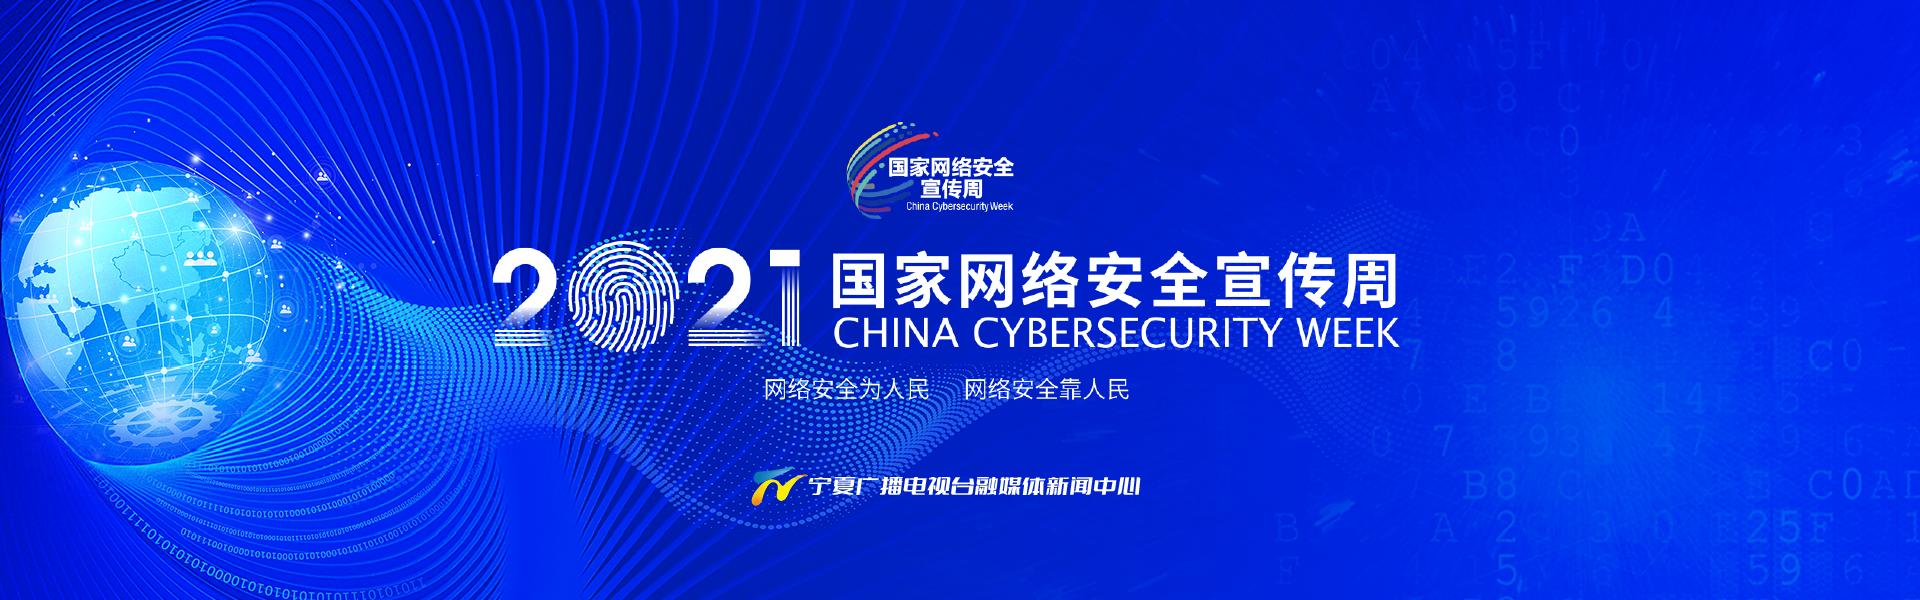 2021国家网络安全周